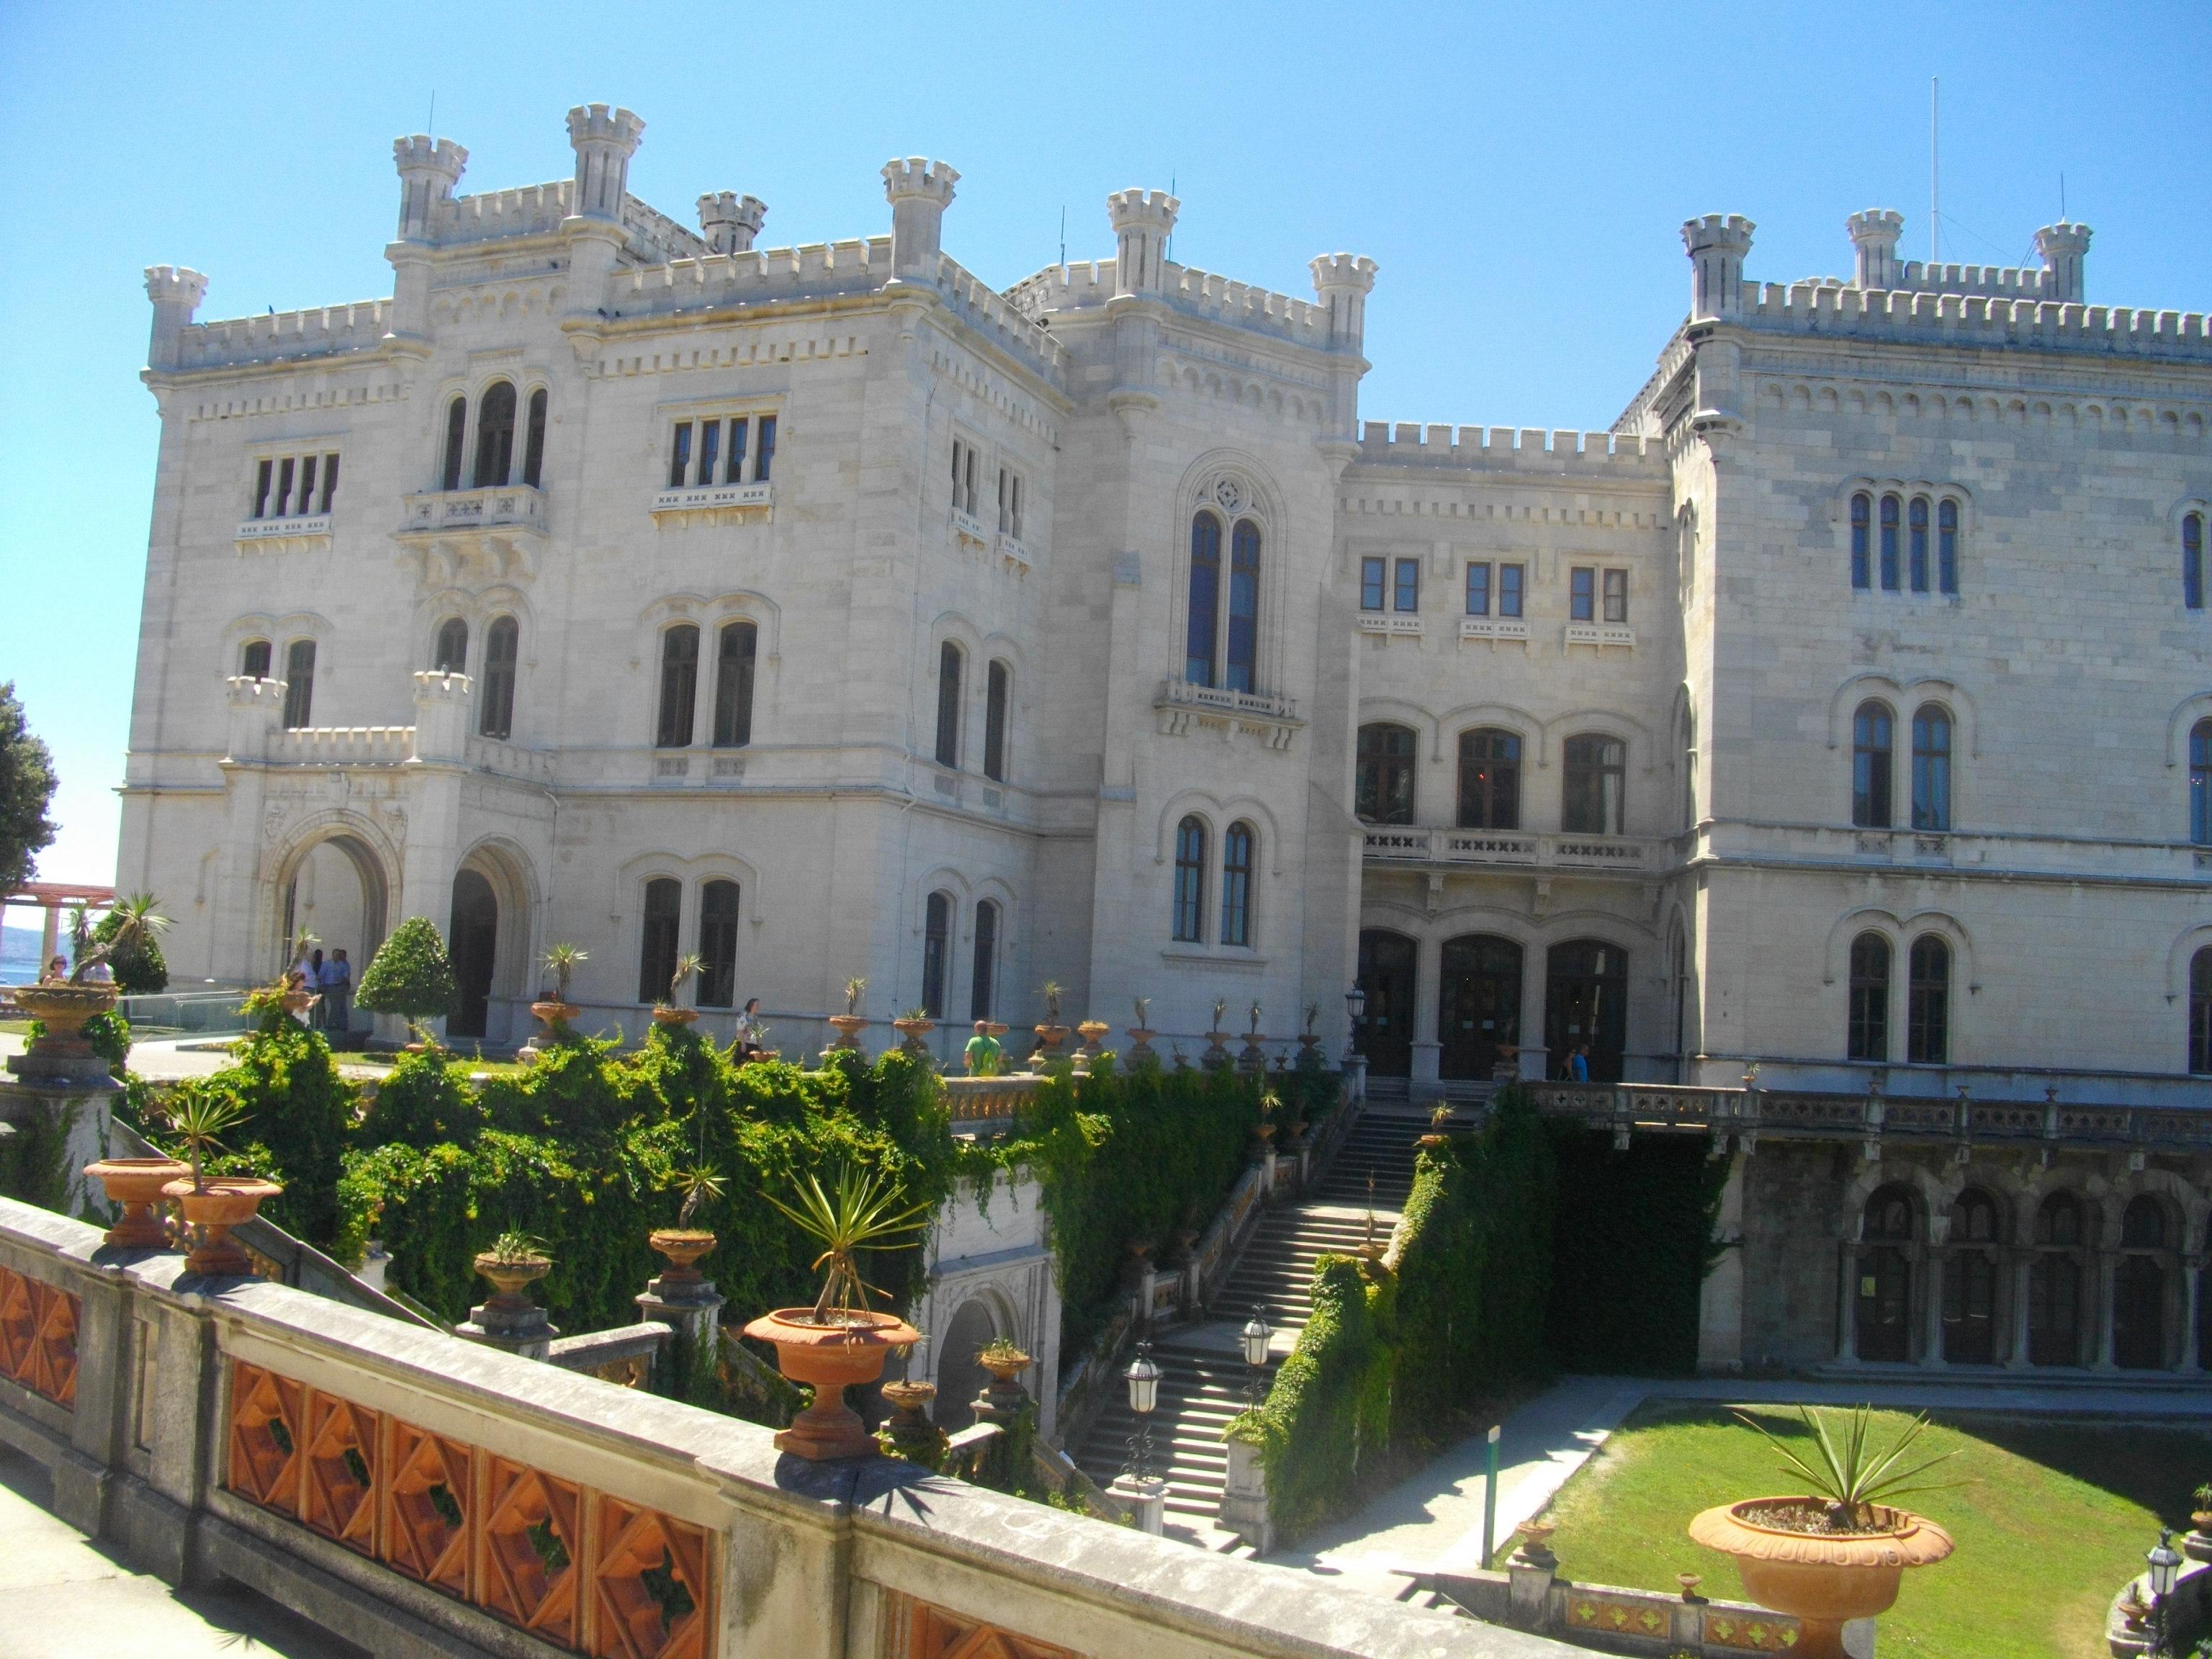 Blick auf das Castello di Miramare in Triest